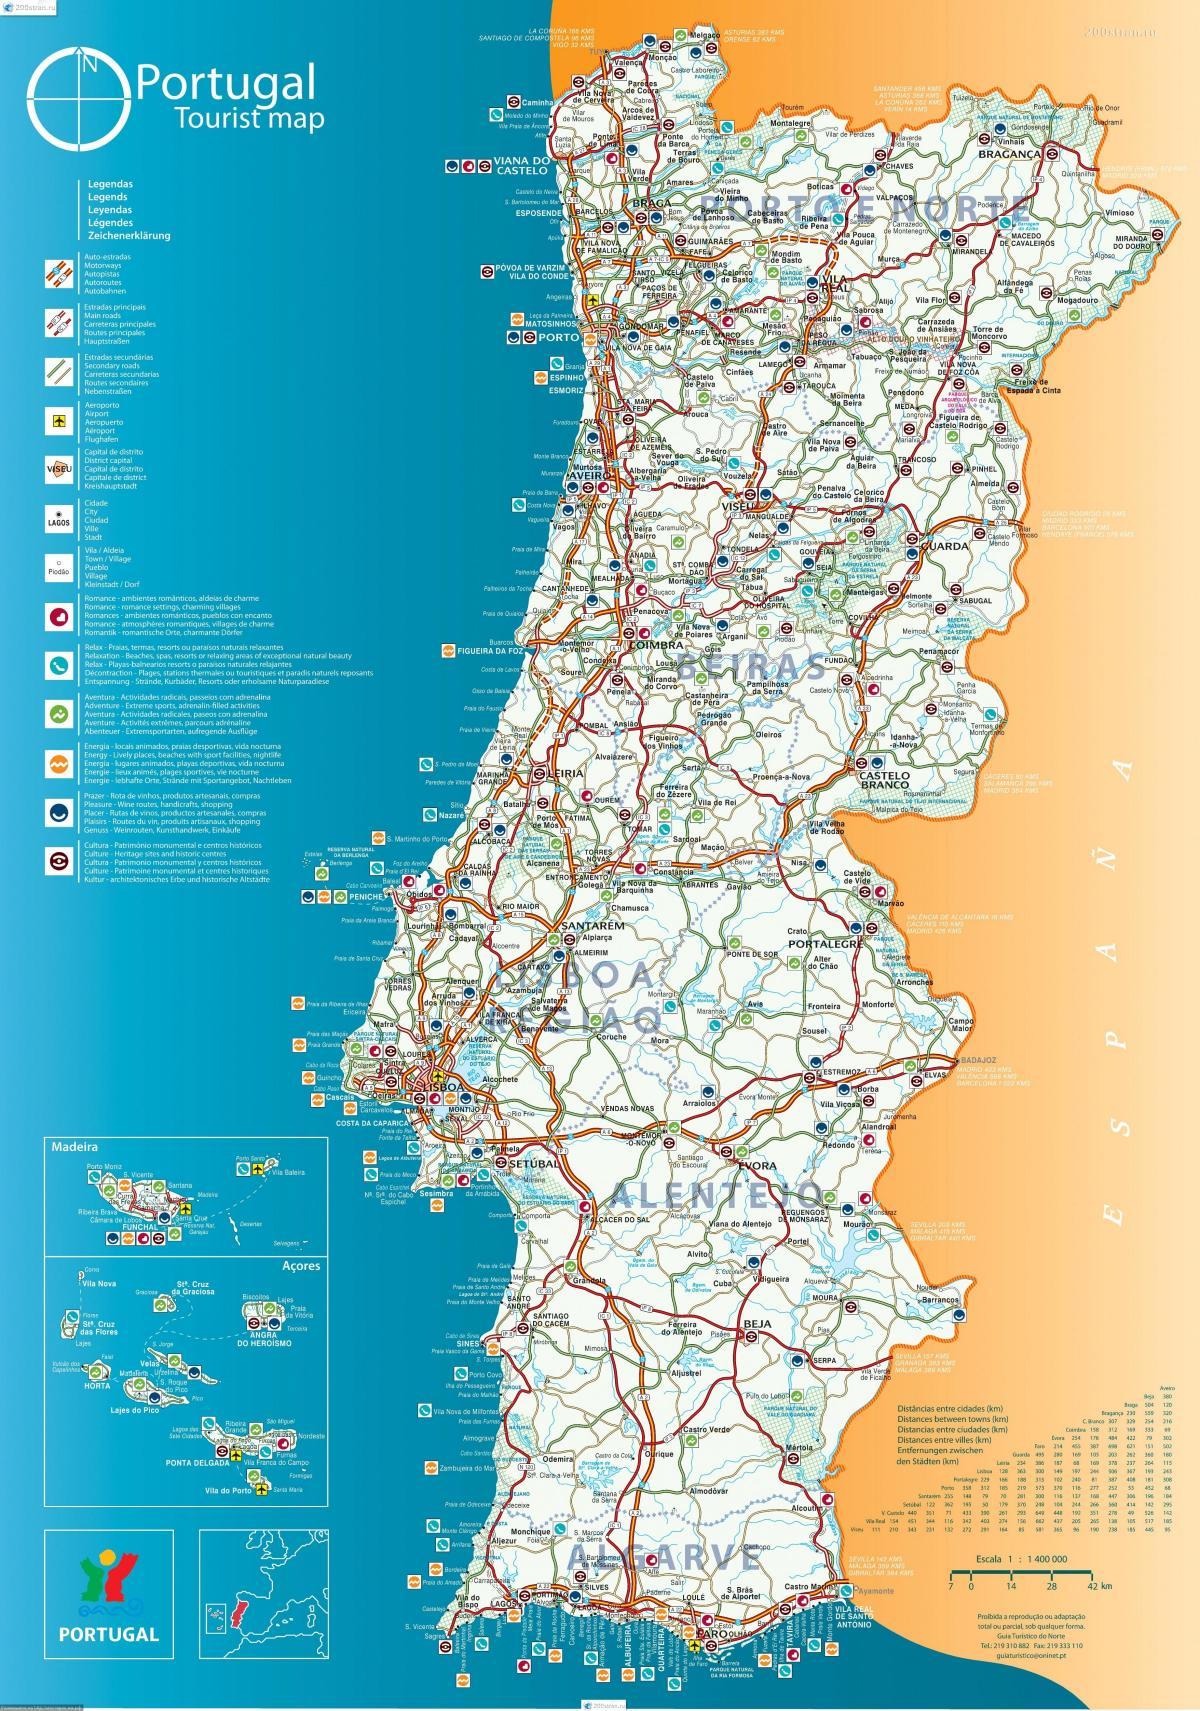 kart over portugal Portugal resorts kart   Kart over Portugal resorts (Sør Europa  kart over portugal